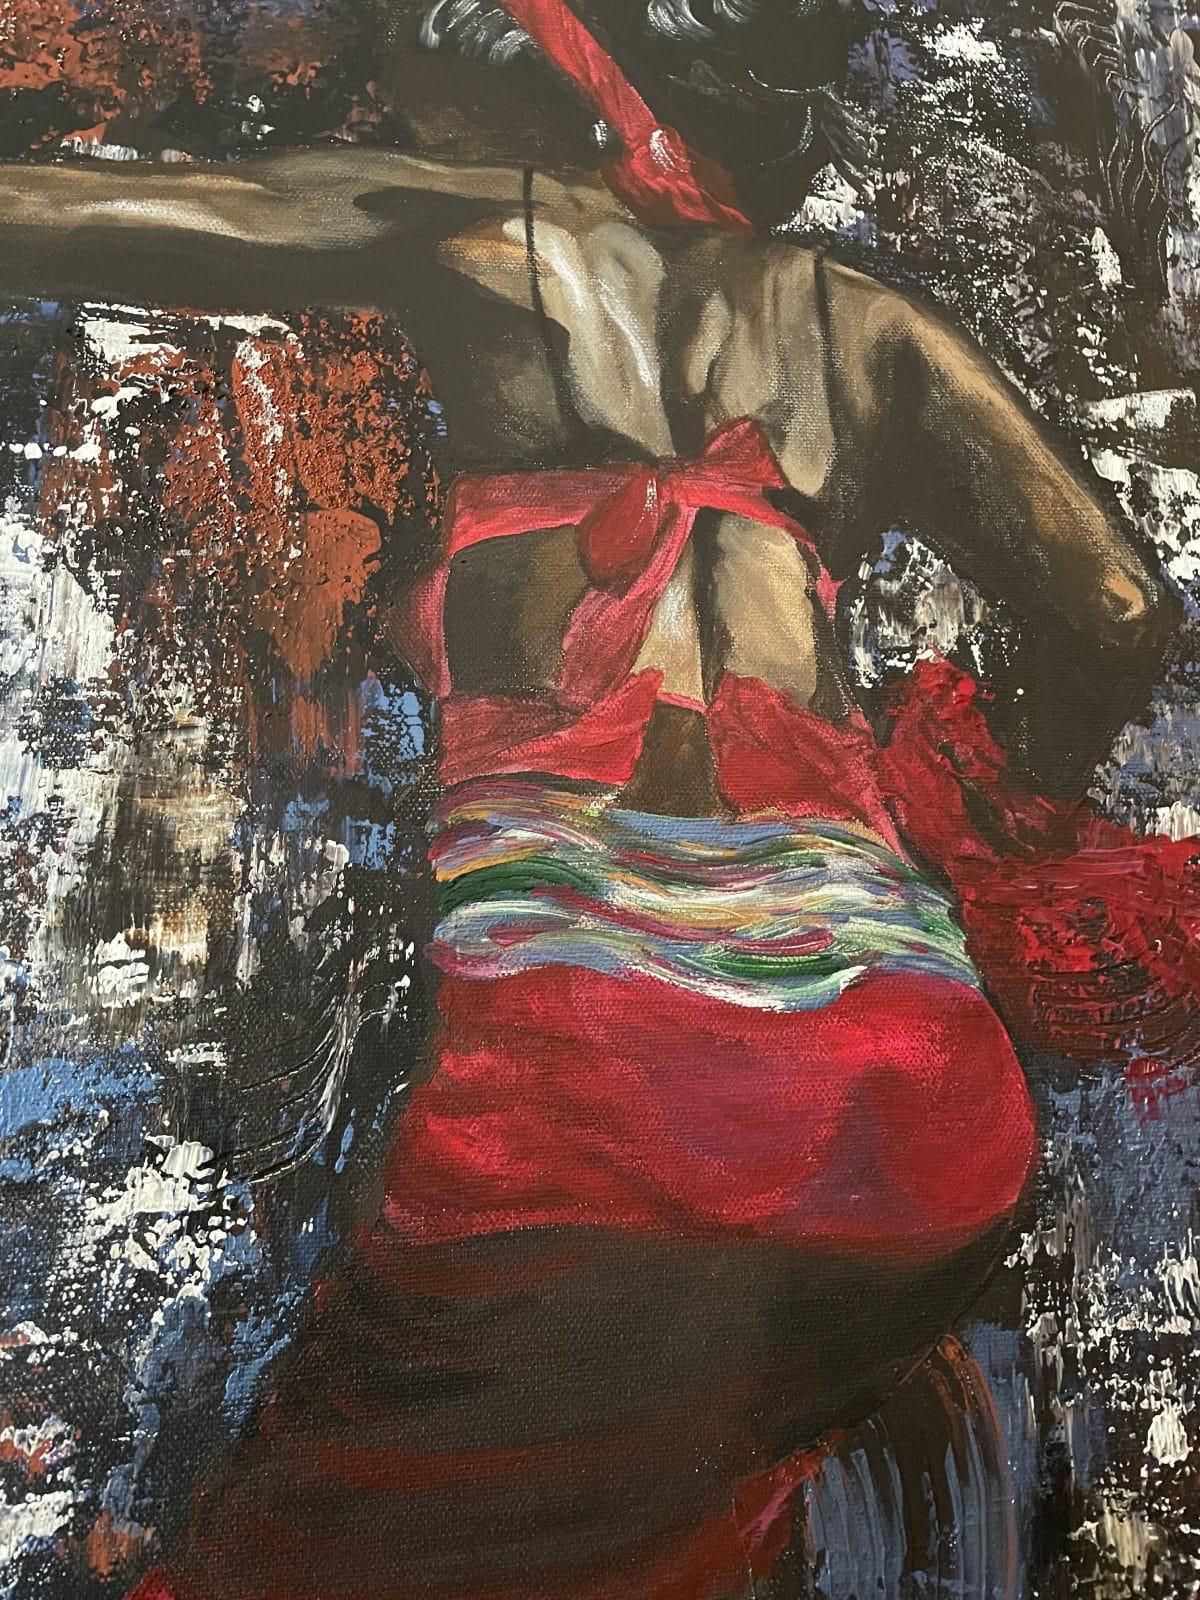 Danseuse africaine, gros plan sur la danseuse